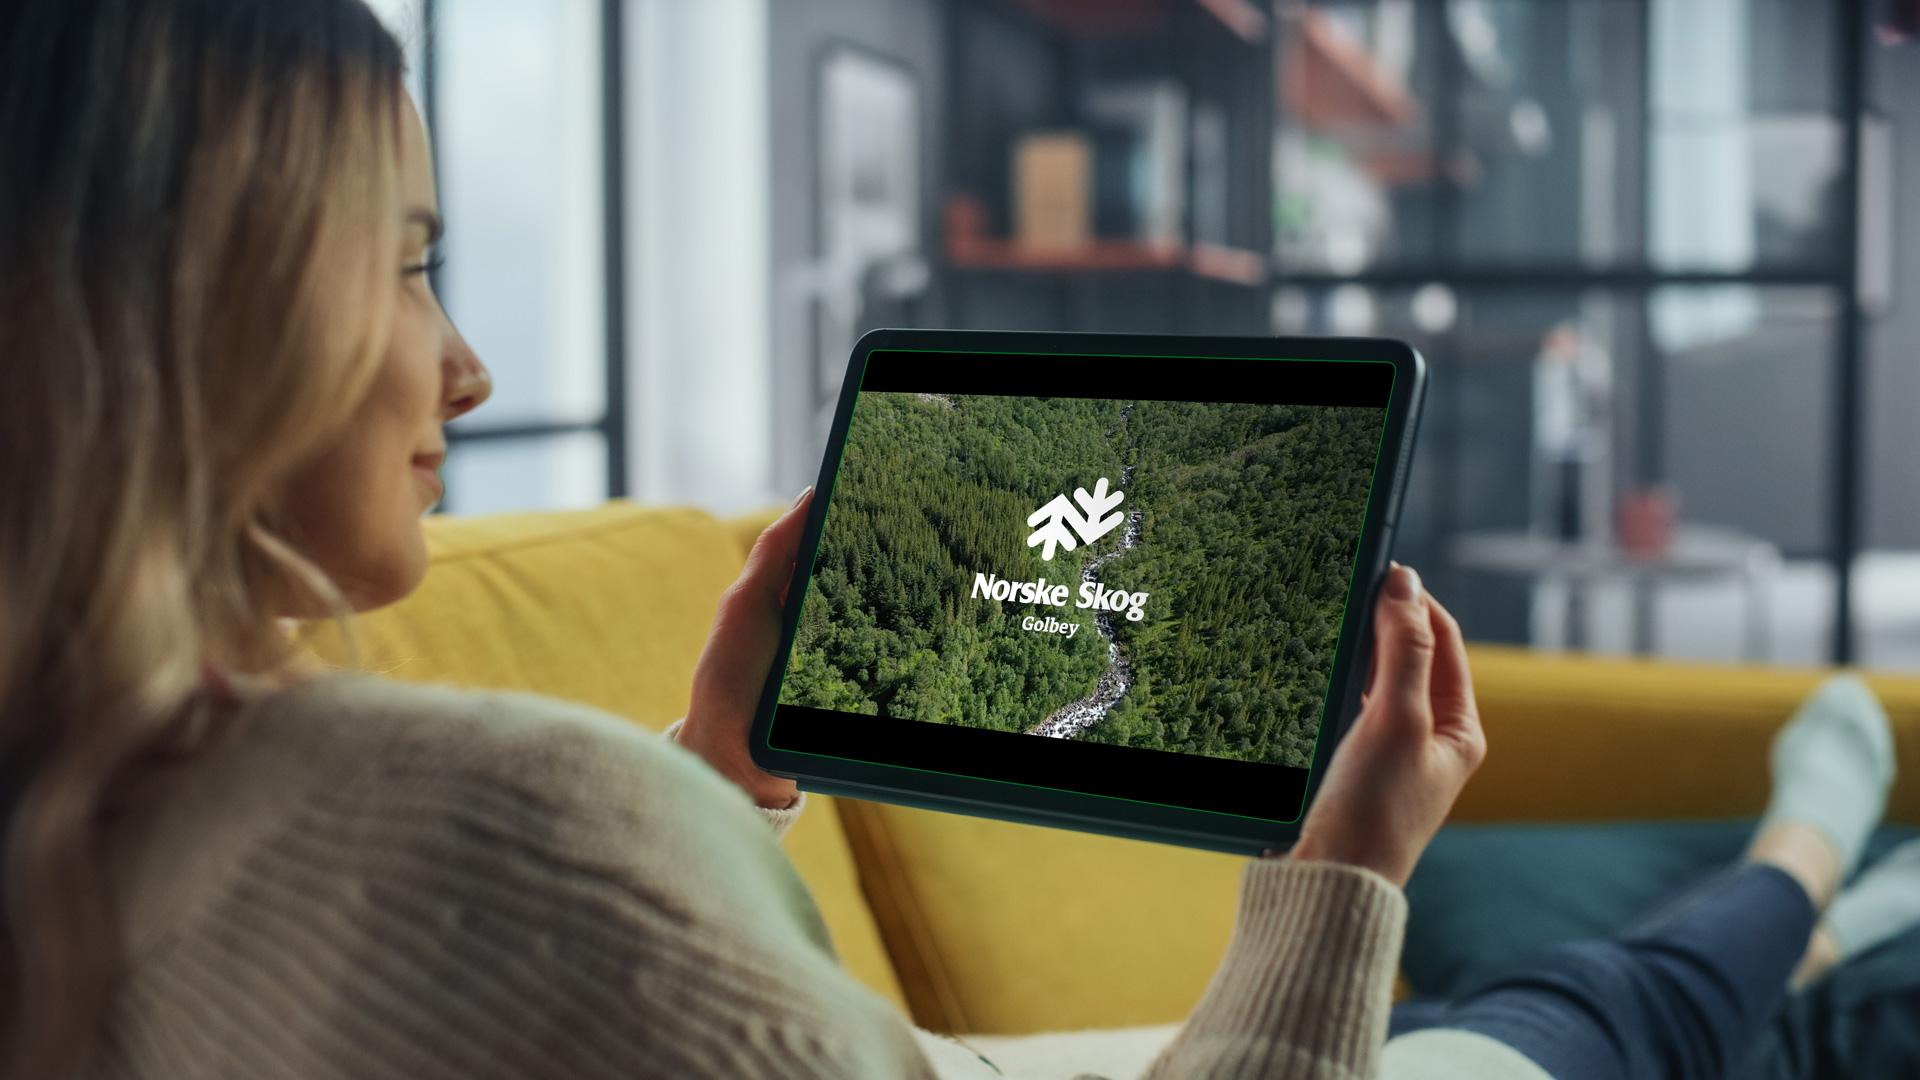 Norske Skog Golbey – Film de présentation trophée de la transition écologique réalisé par Lézards Création